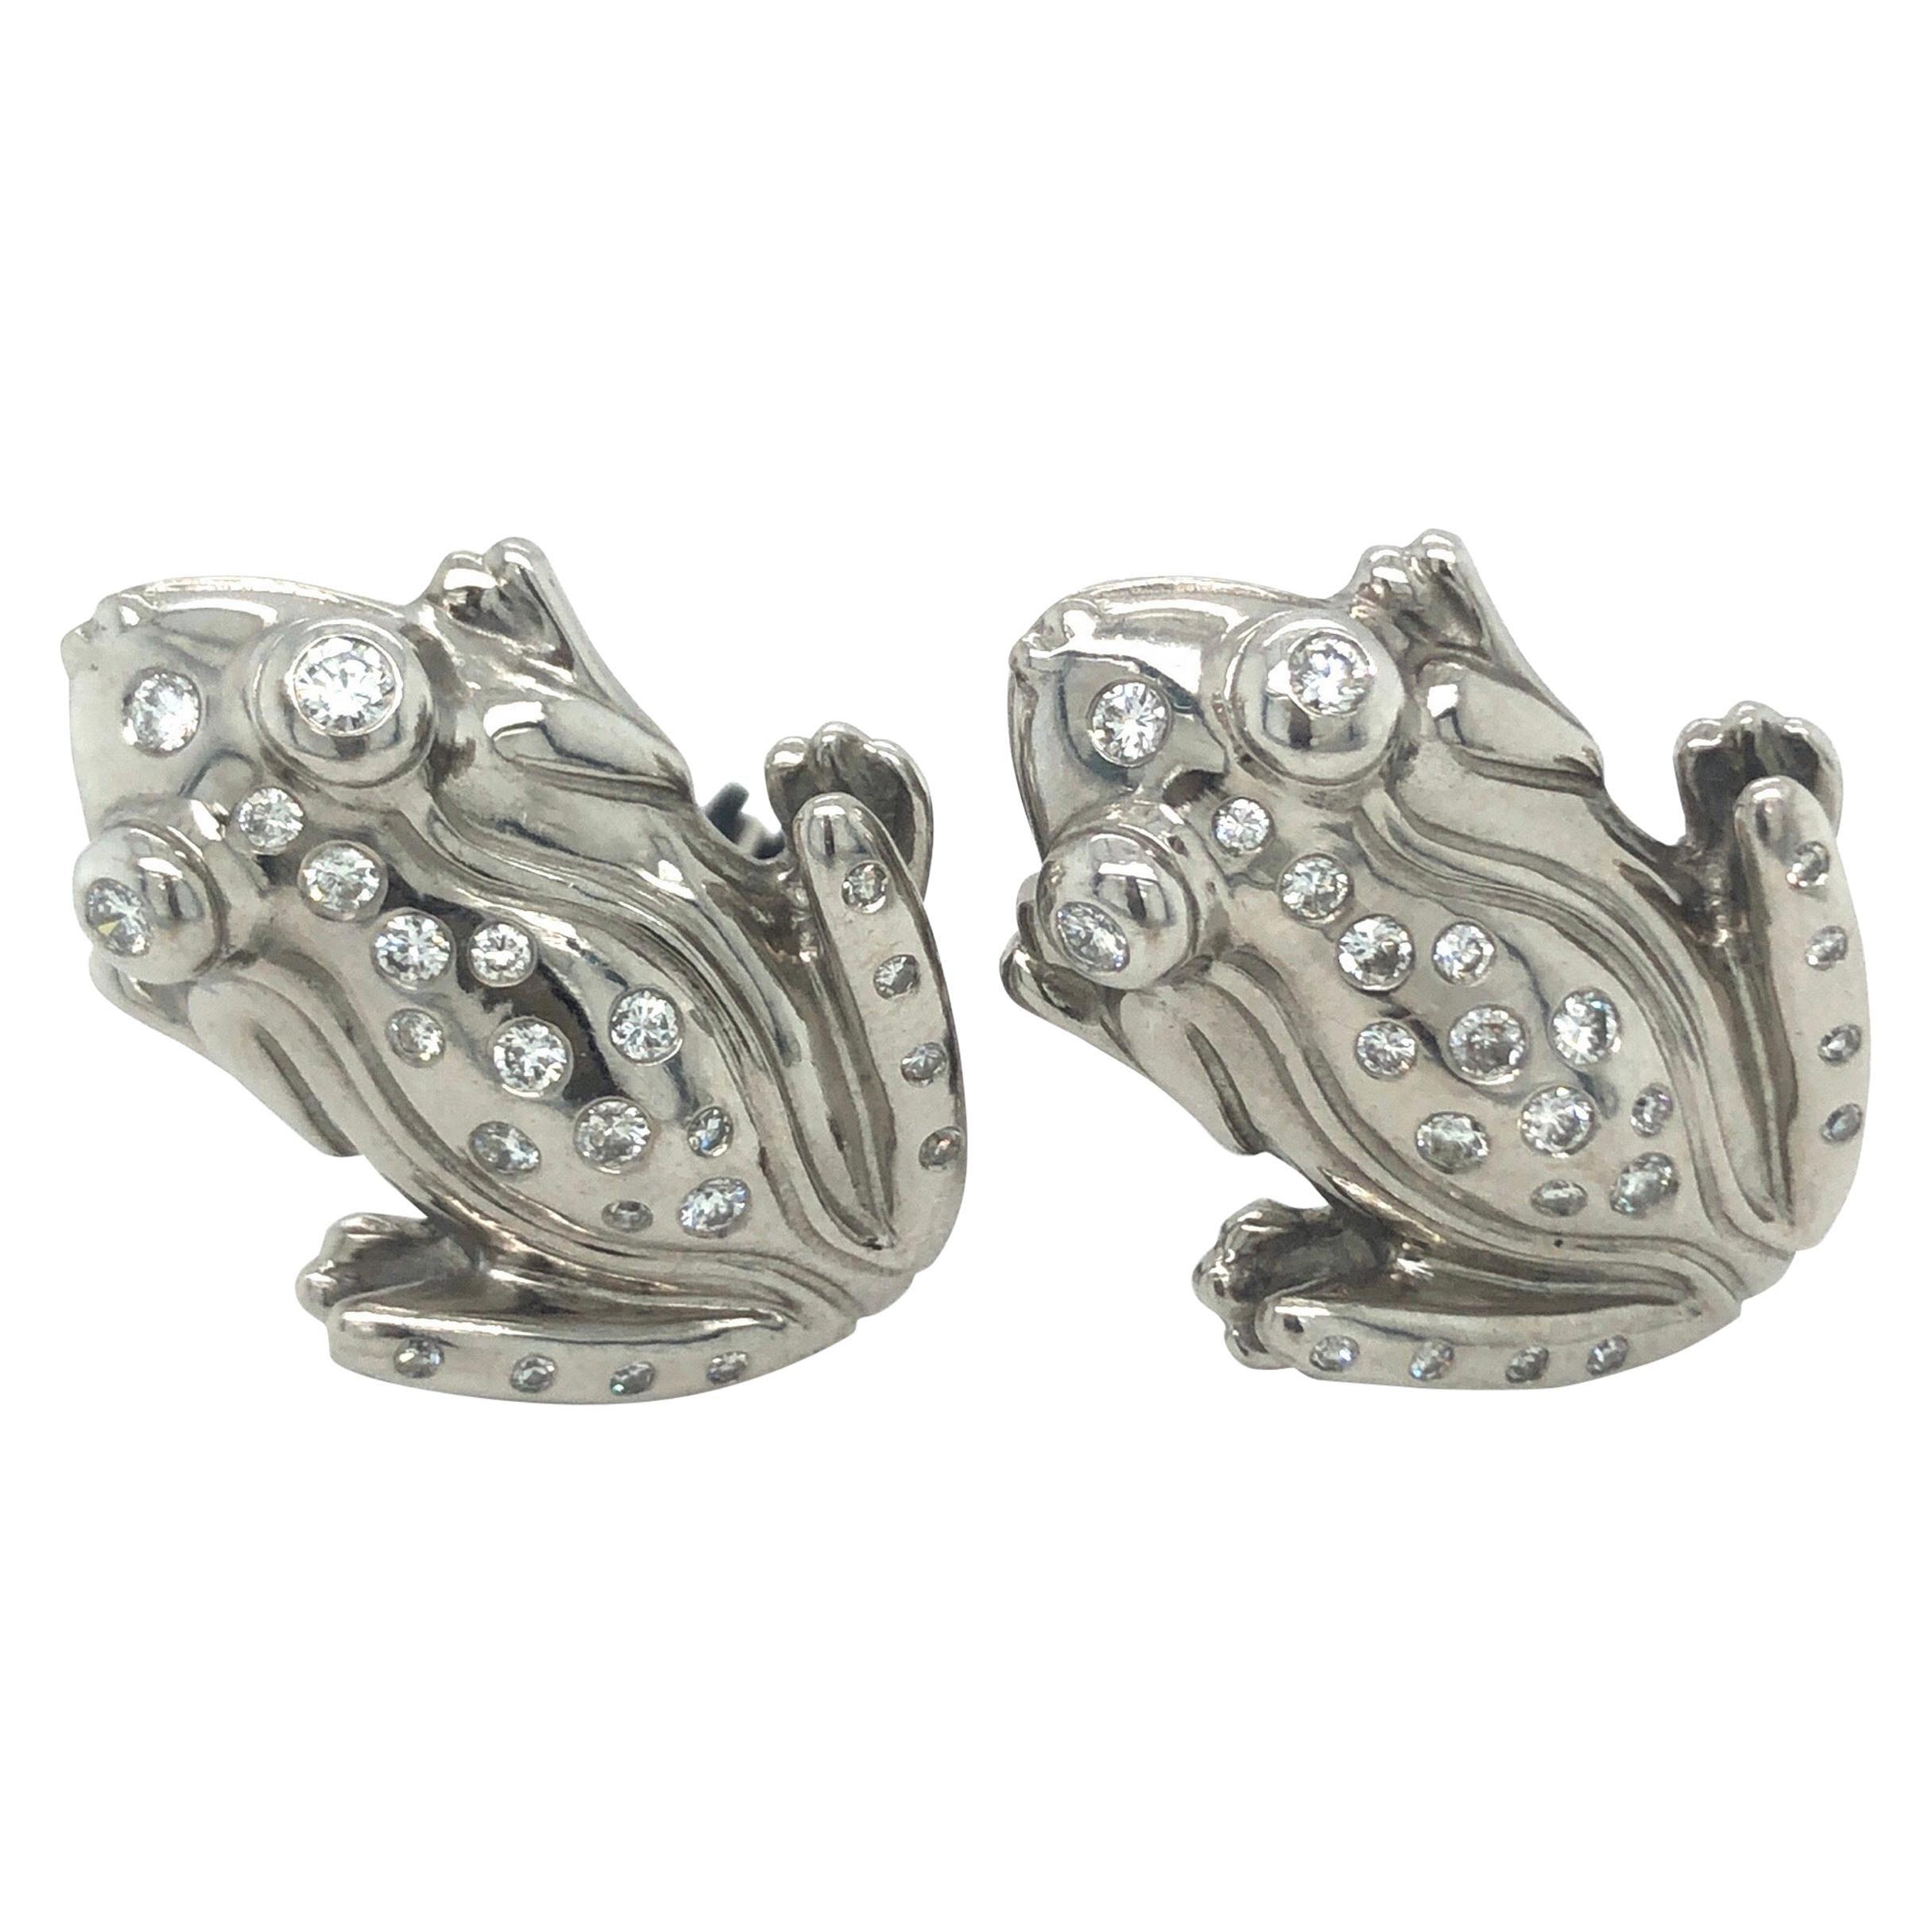 18 Karat White Gold and Diamond Frog Clip-On Earrings